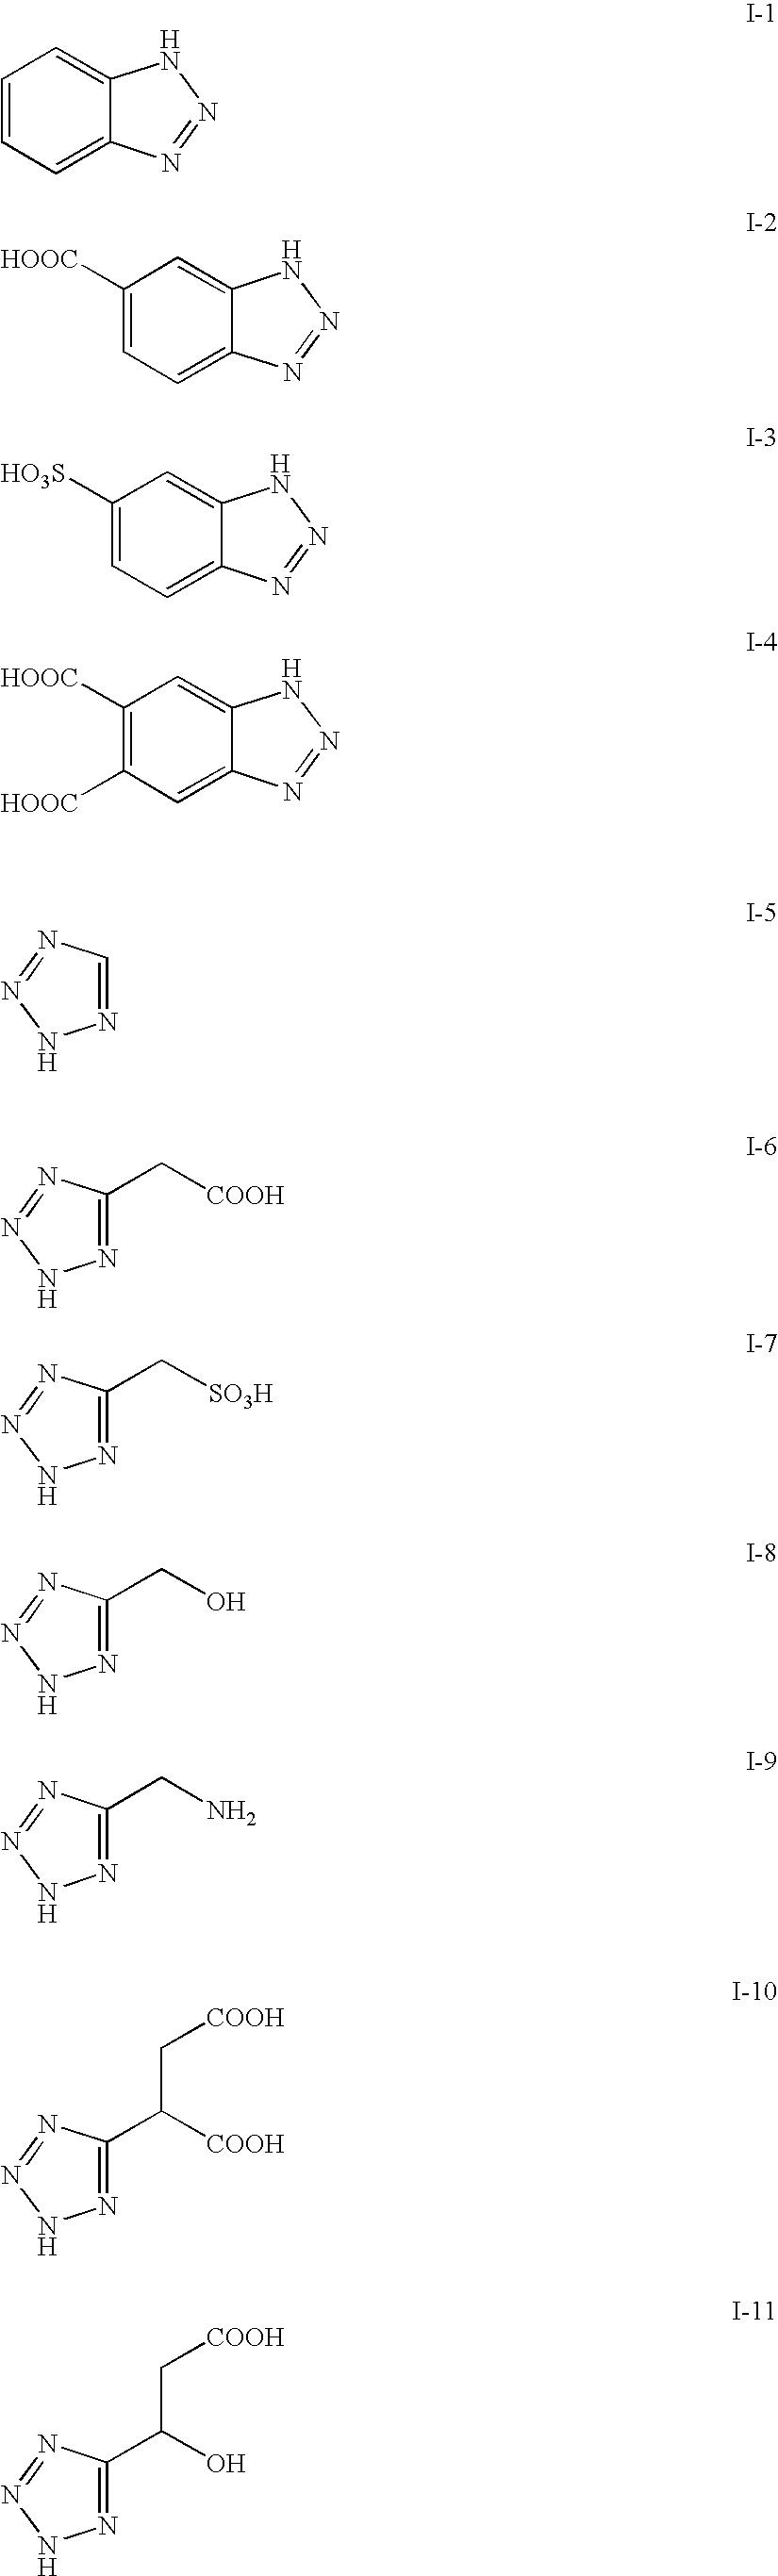 Figure US07902072-20110308-C00001